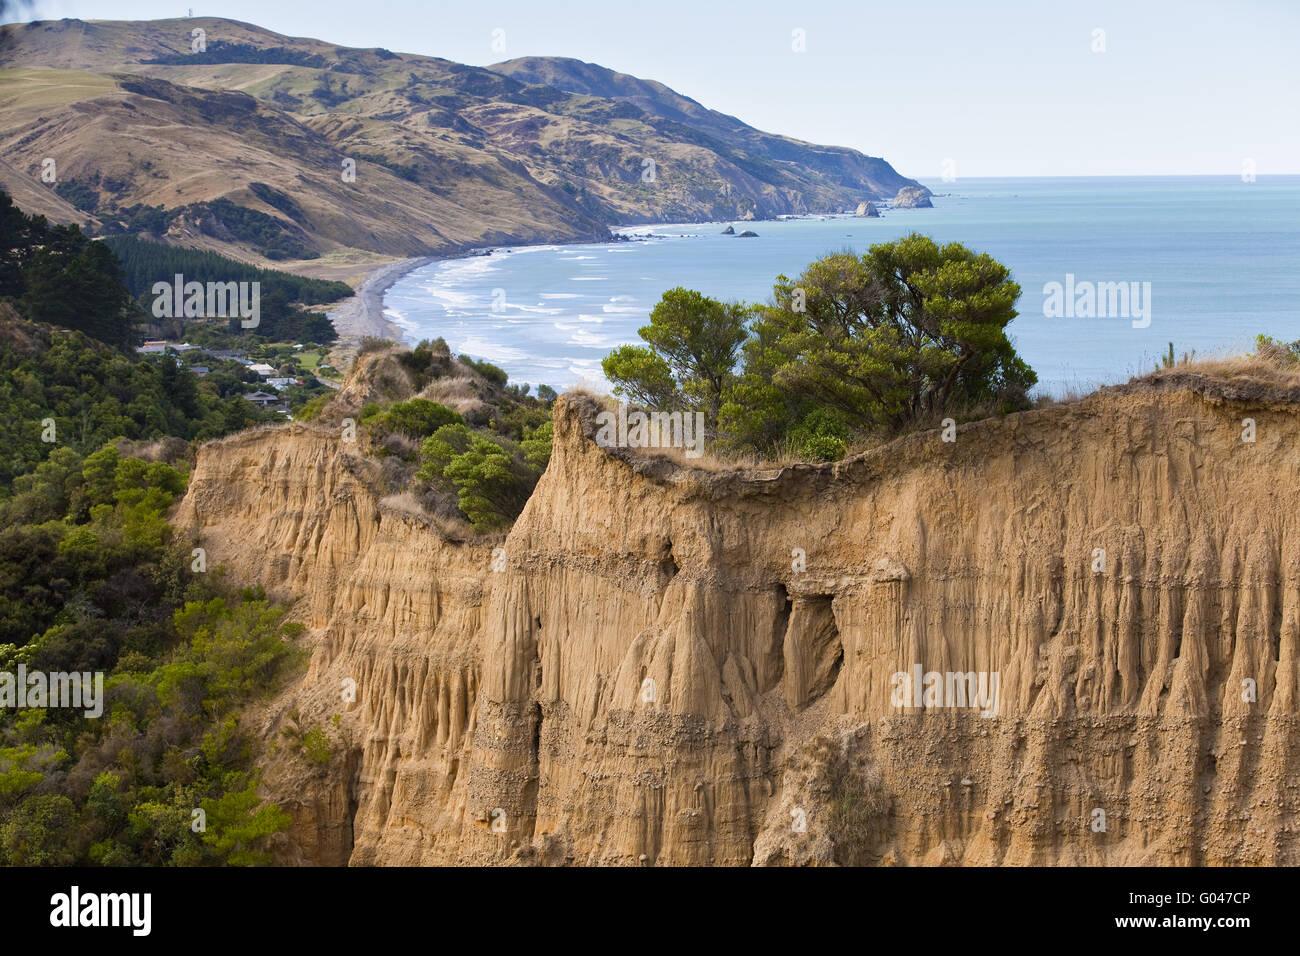 Grounderosion, Newzealand - Stock Image